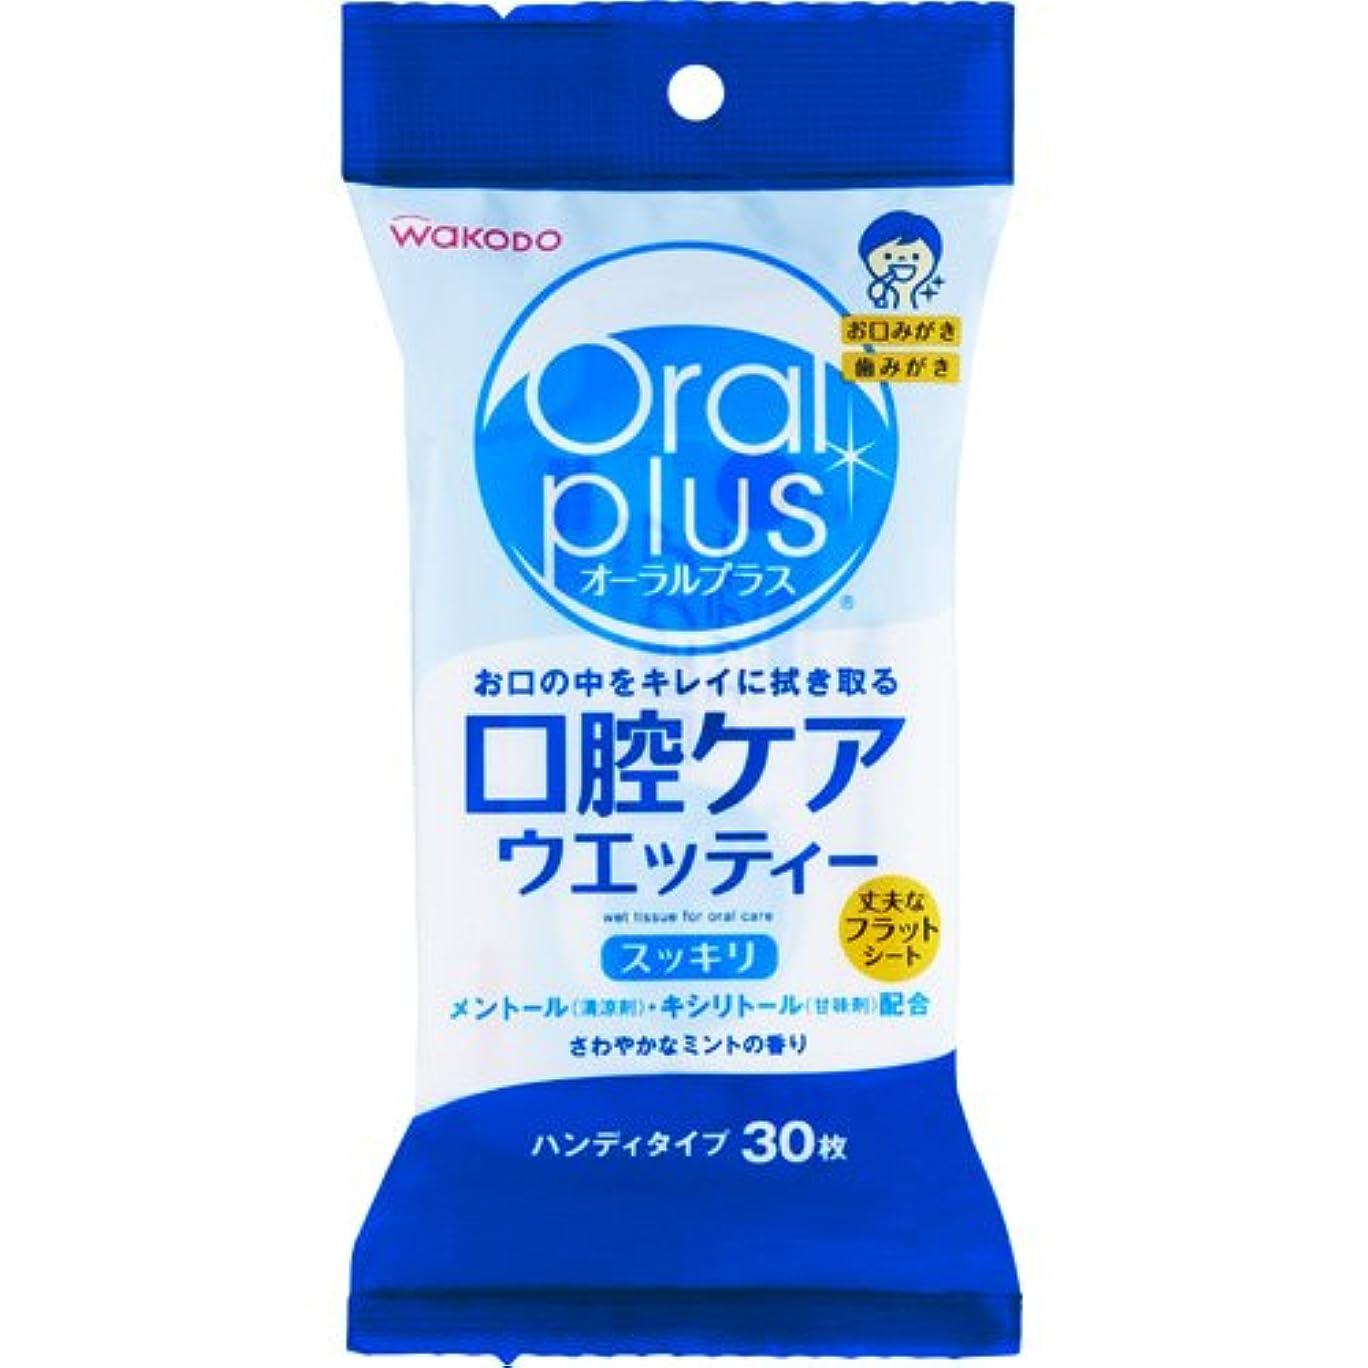 定期的にフォージ権限を与えるオーラルプラス 口腔ケアウエッティー ミントの香り 30枚入 1ケース(24個入)